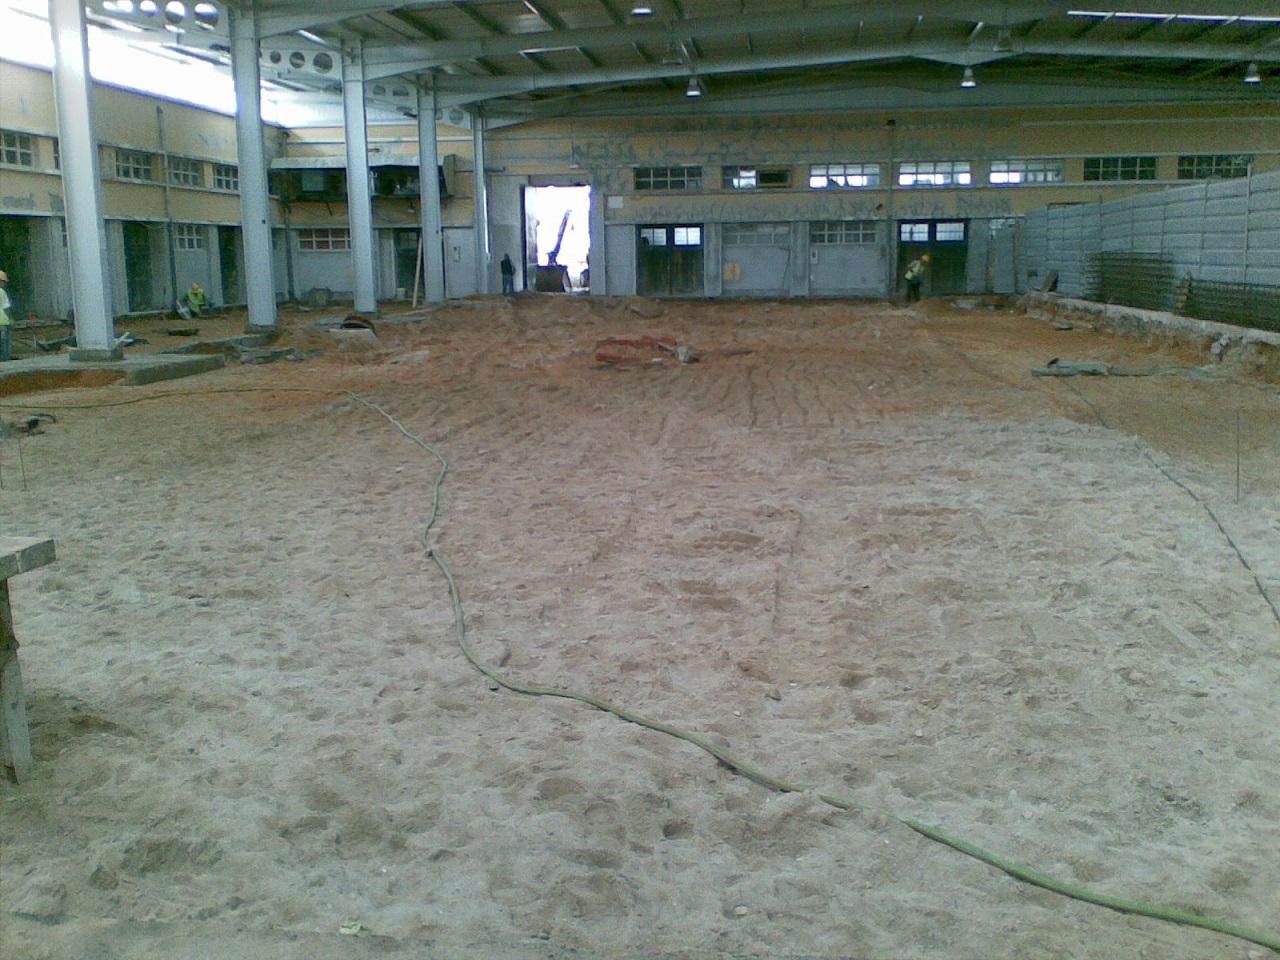 pavimento_doca1